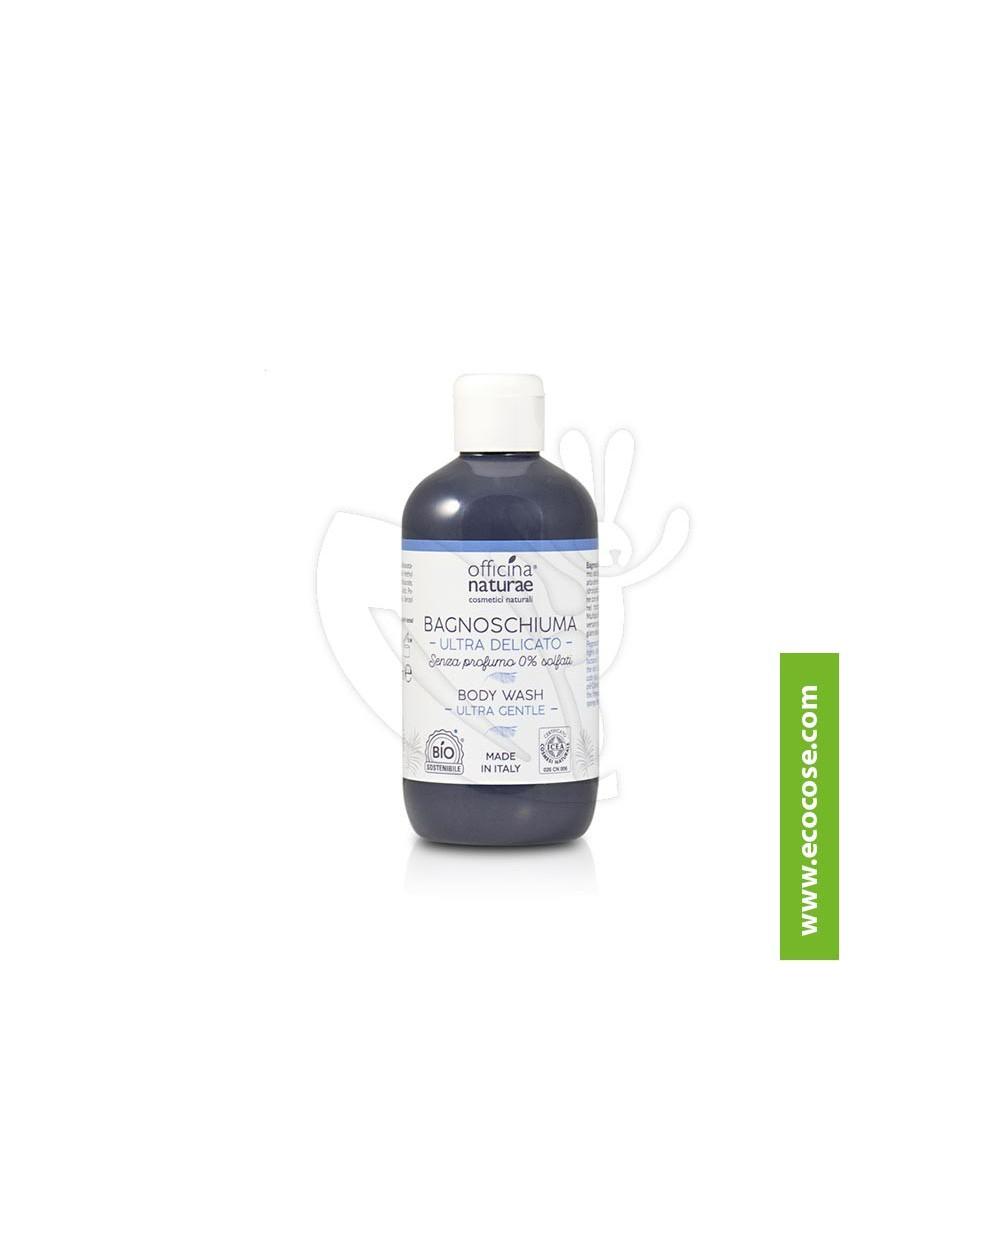 Officina Naturae - Gli ULTRADELICATI - Bagnoschiuma senza profumo